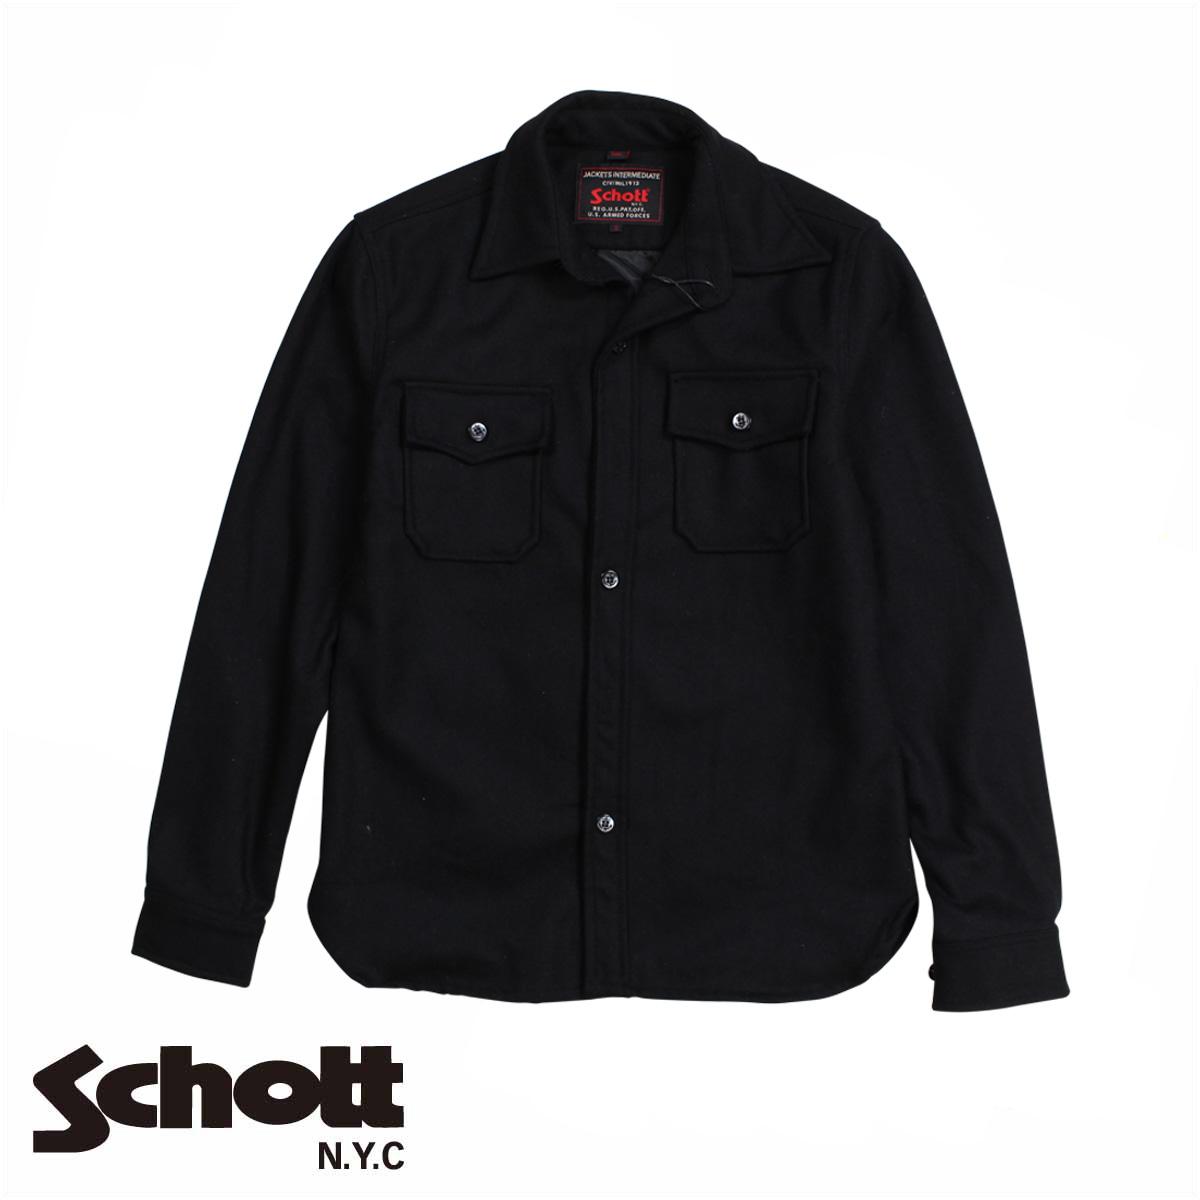 【最大2000円OFFクーポン】 【訳あり】 ショット Schott ジャケット シャツジャケット メンズ EMBELLISHED CPO WOOL SHIRT ブラック 7710